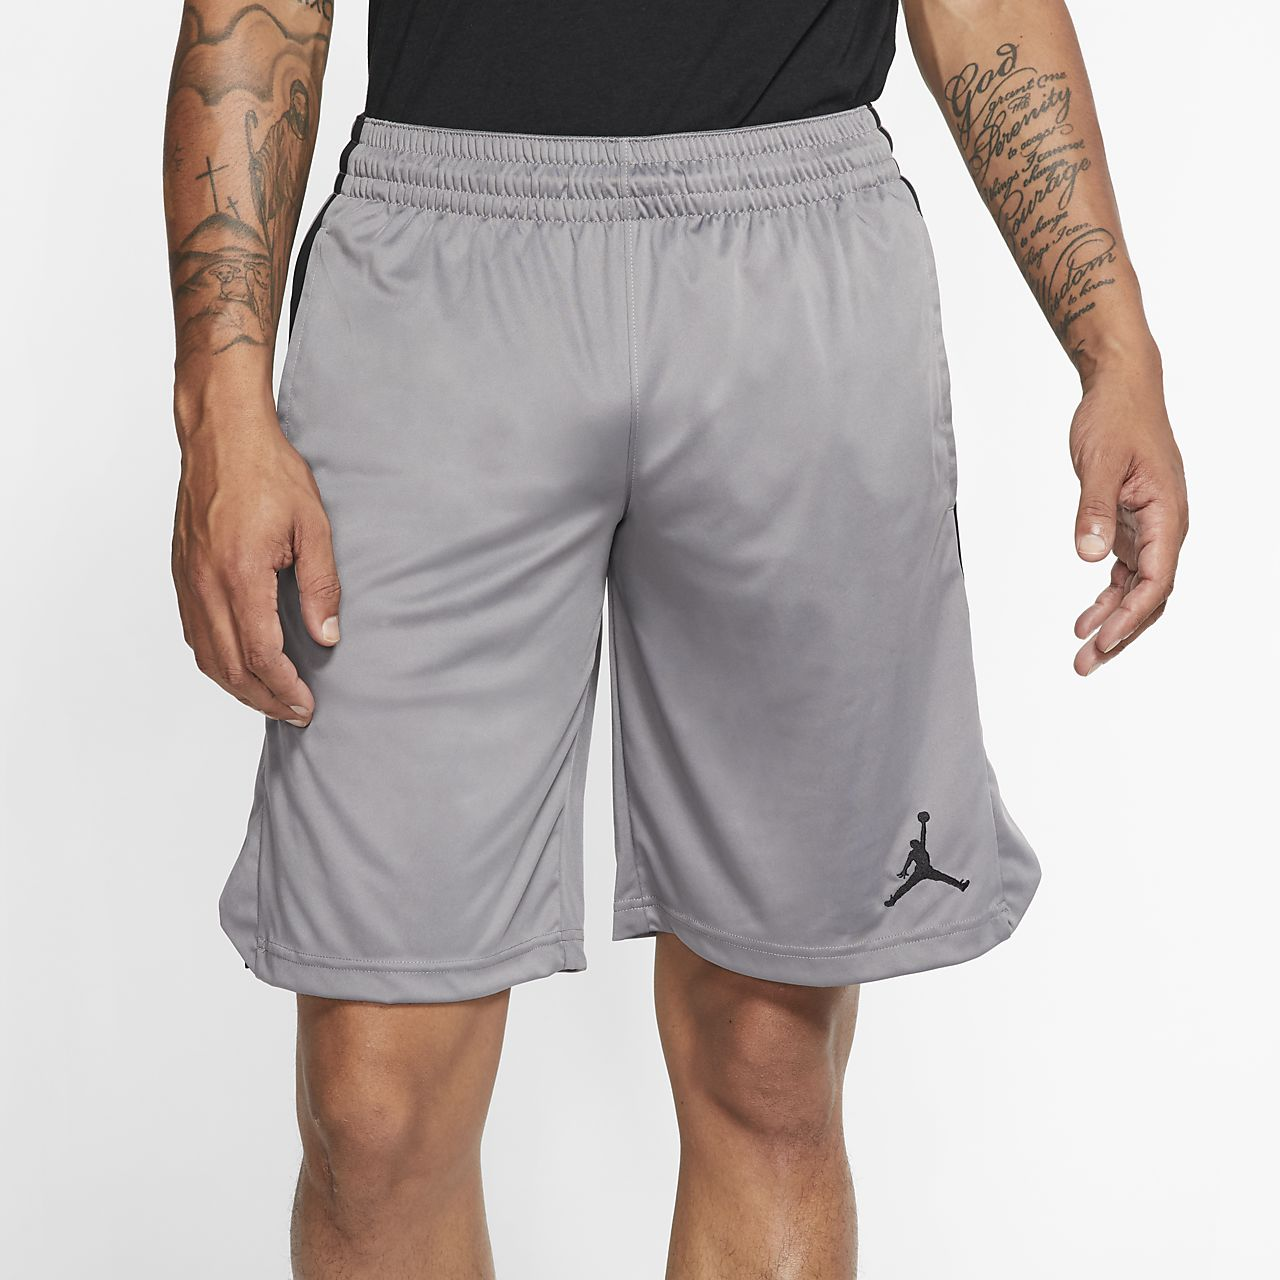 e857157e26 Jordan Dri-FIT 23 Alpha Men's Training Shorts